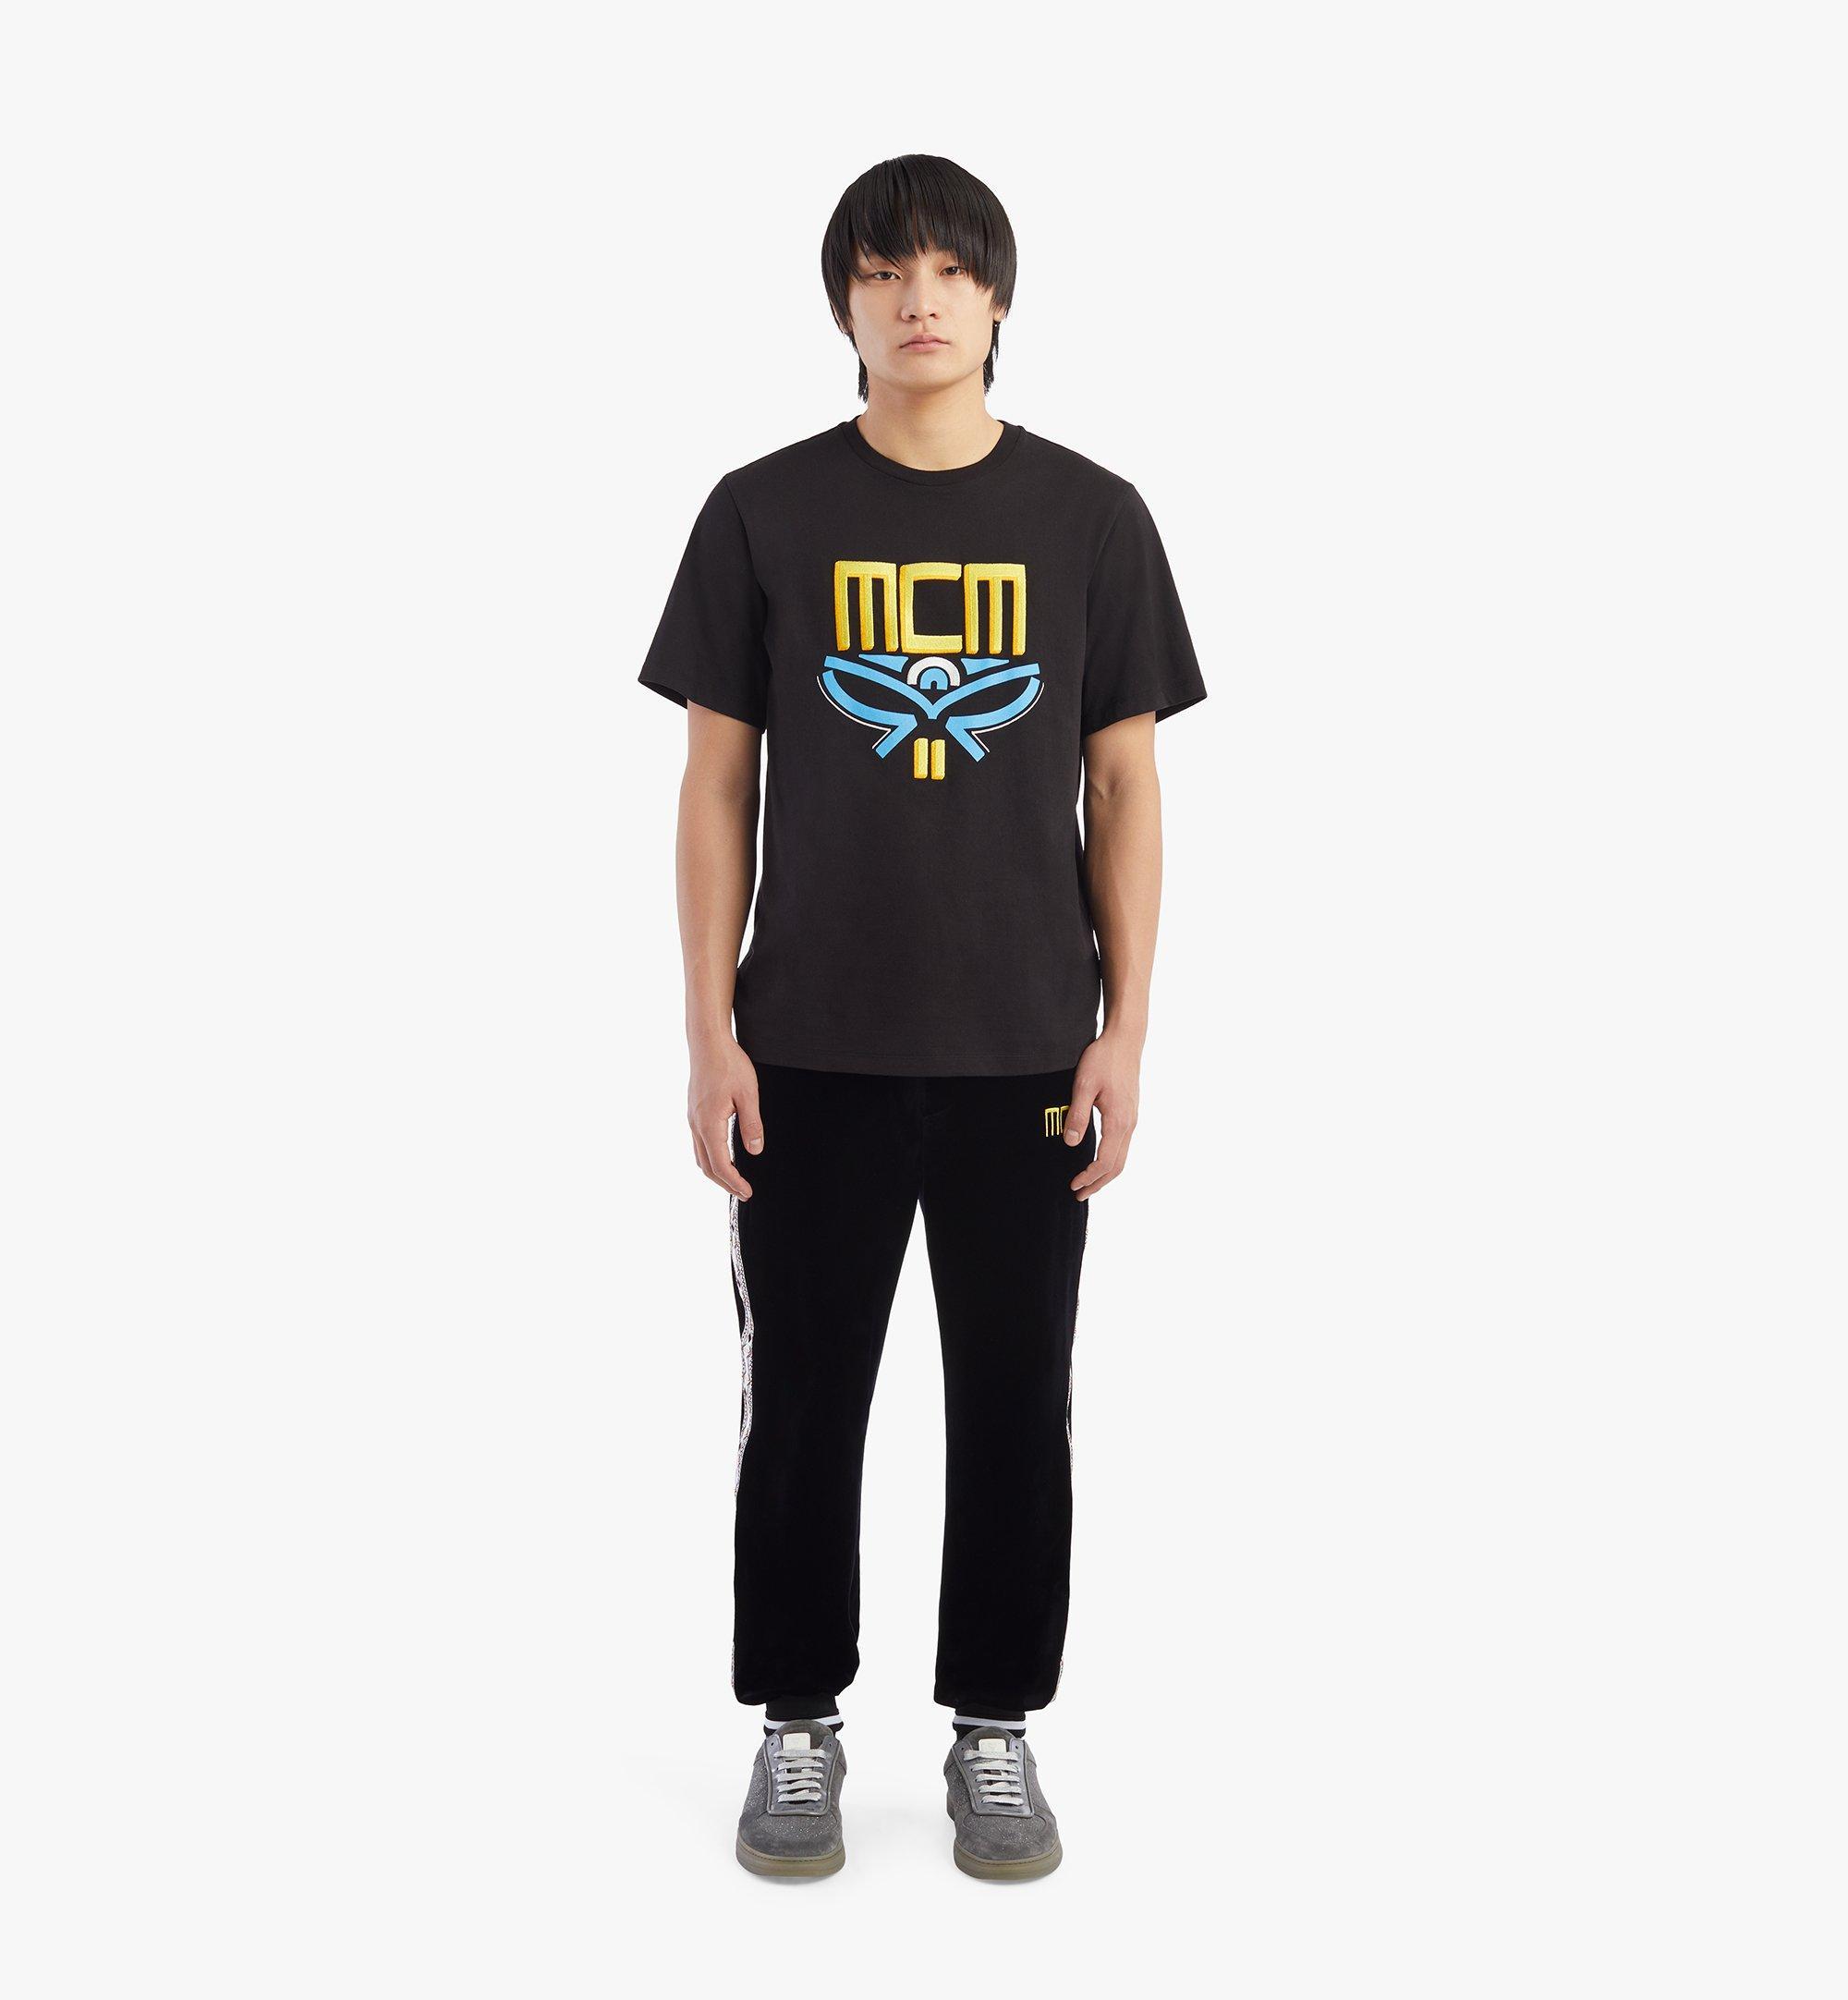 MCM T-shirt Geo Laurel pour homme Black MHTBSMM06BK00L Plus de photos 3